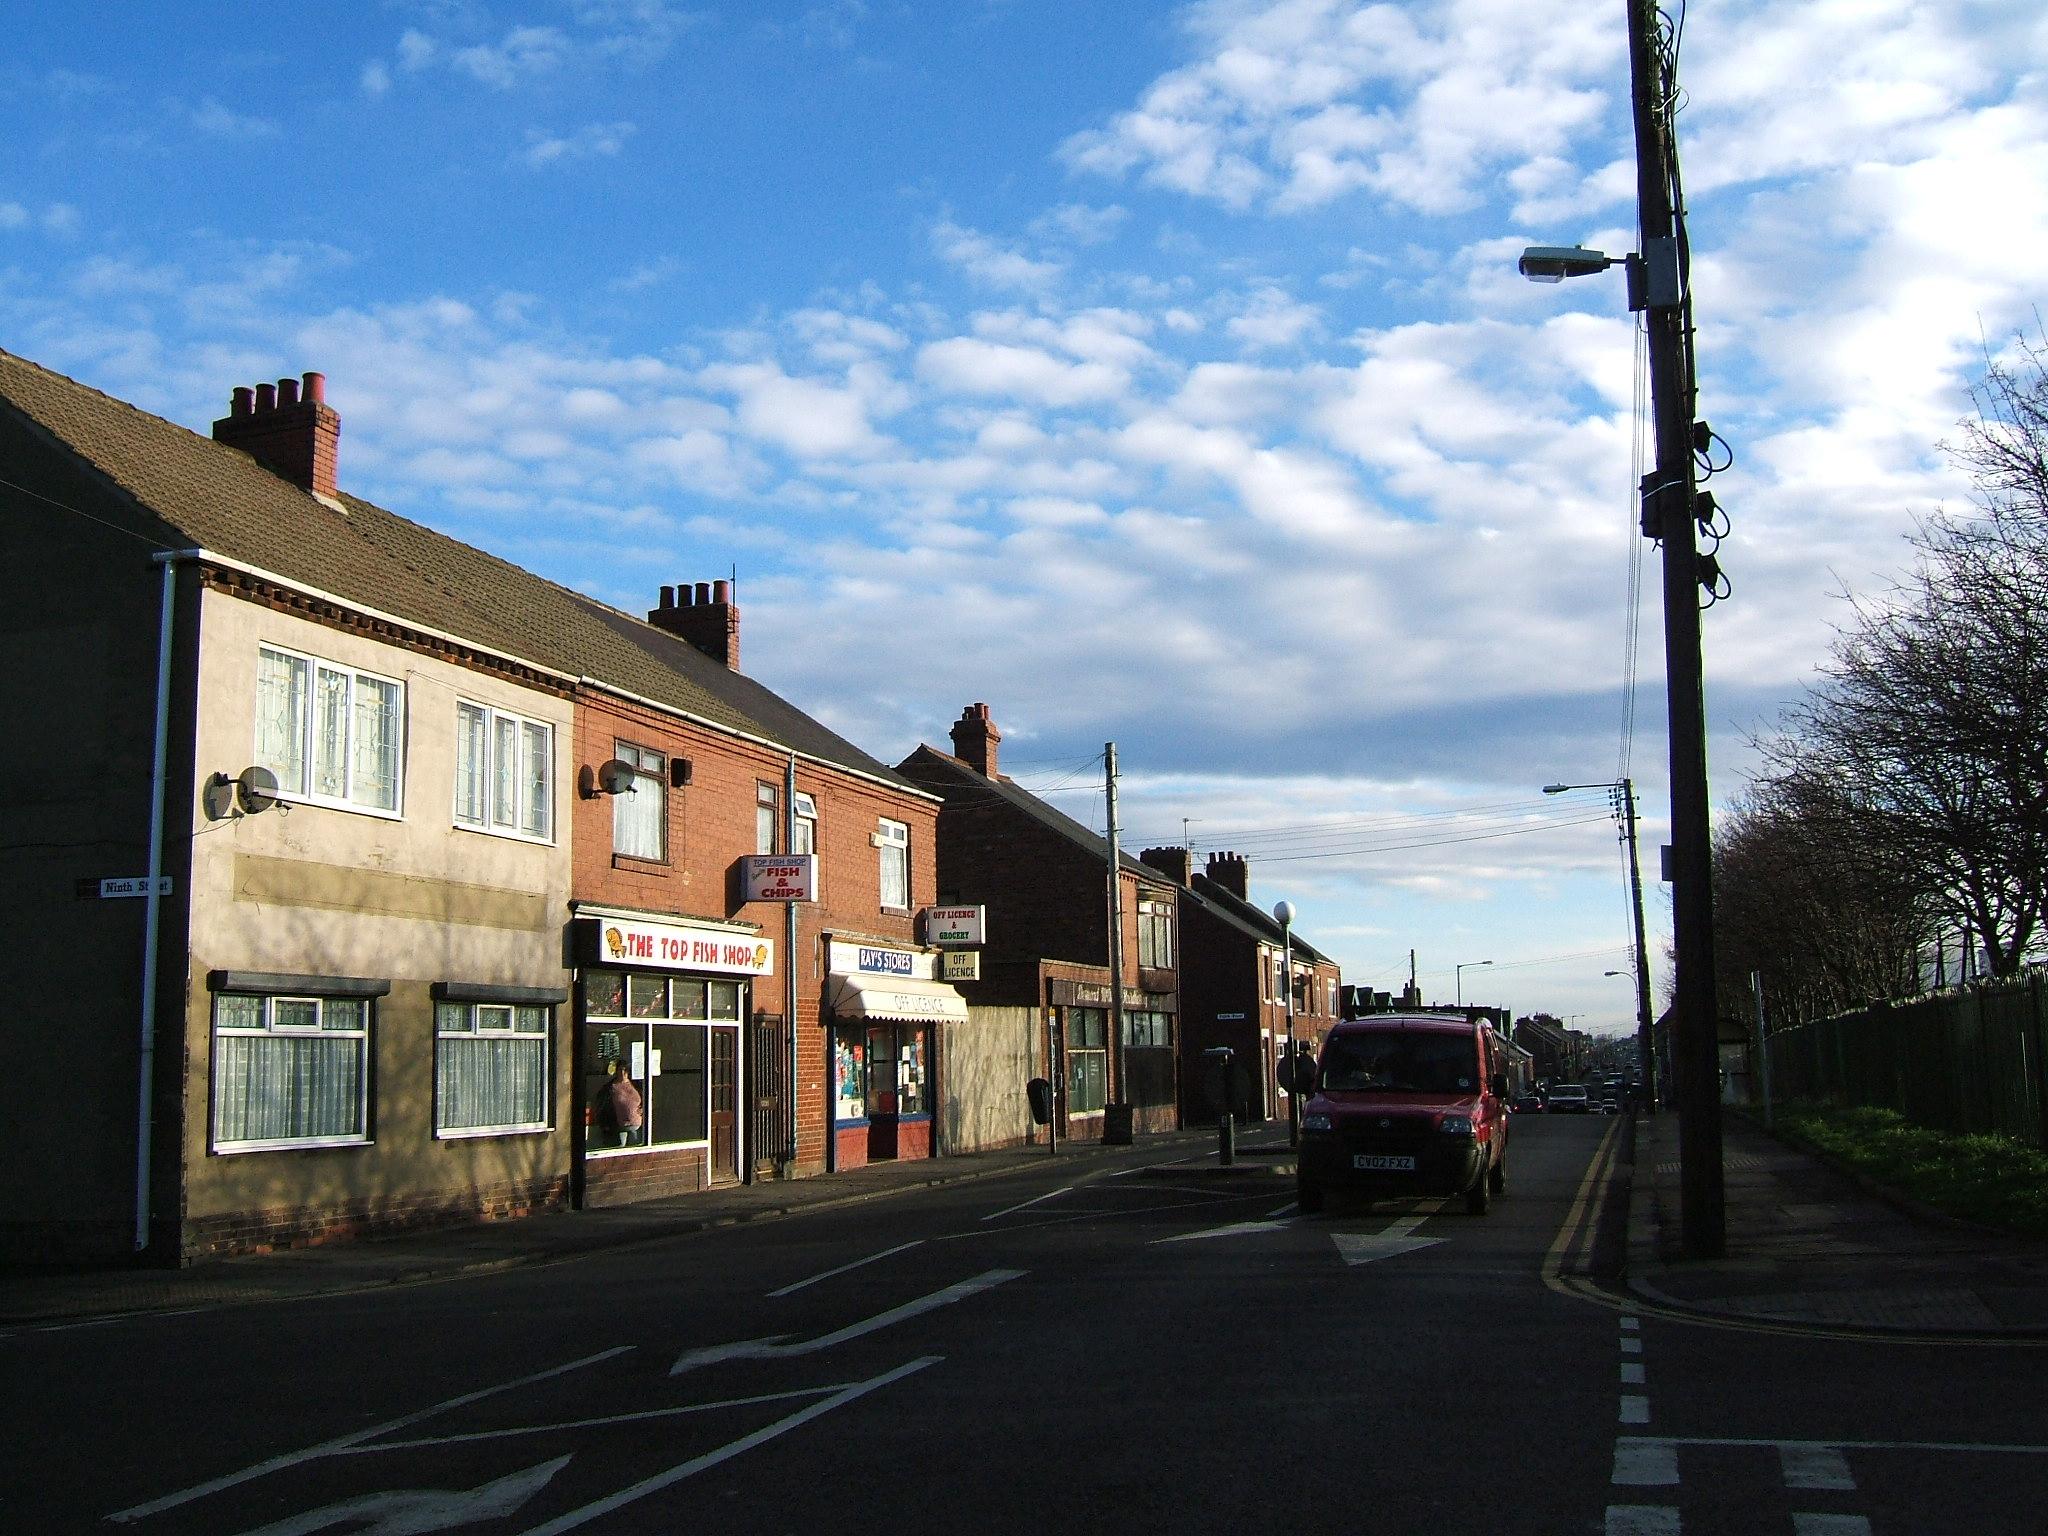 英国这个小镇能捡钱!是圣诞老人送的礼物?